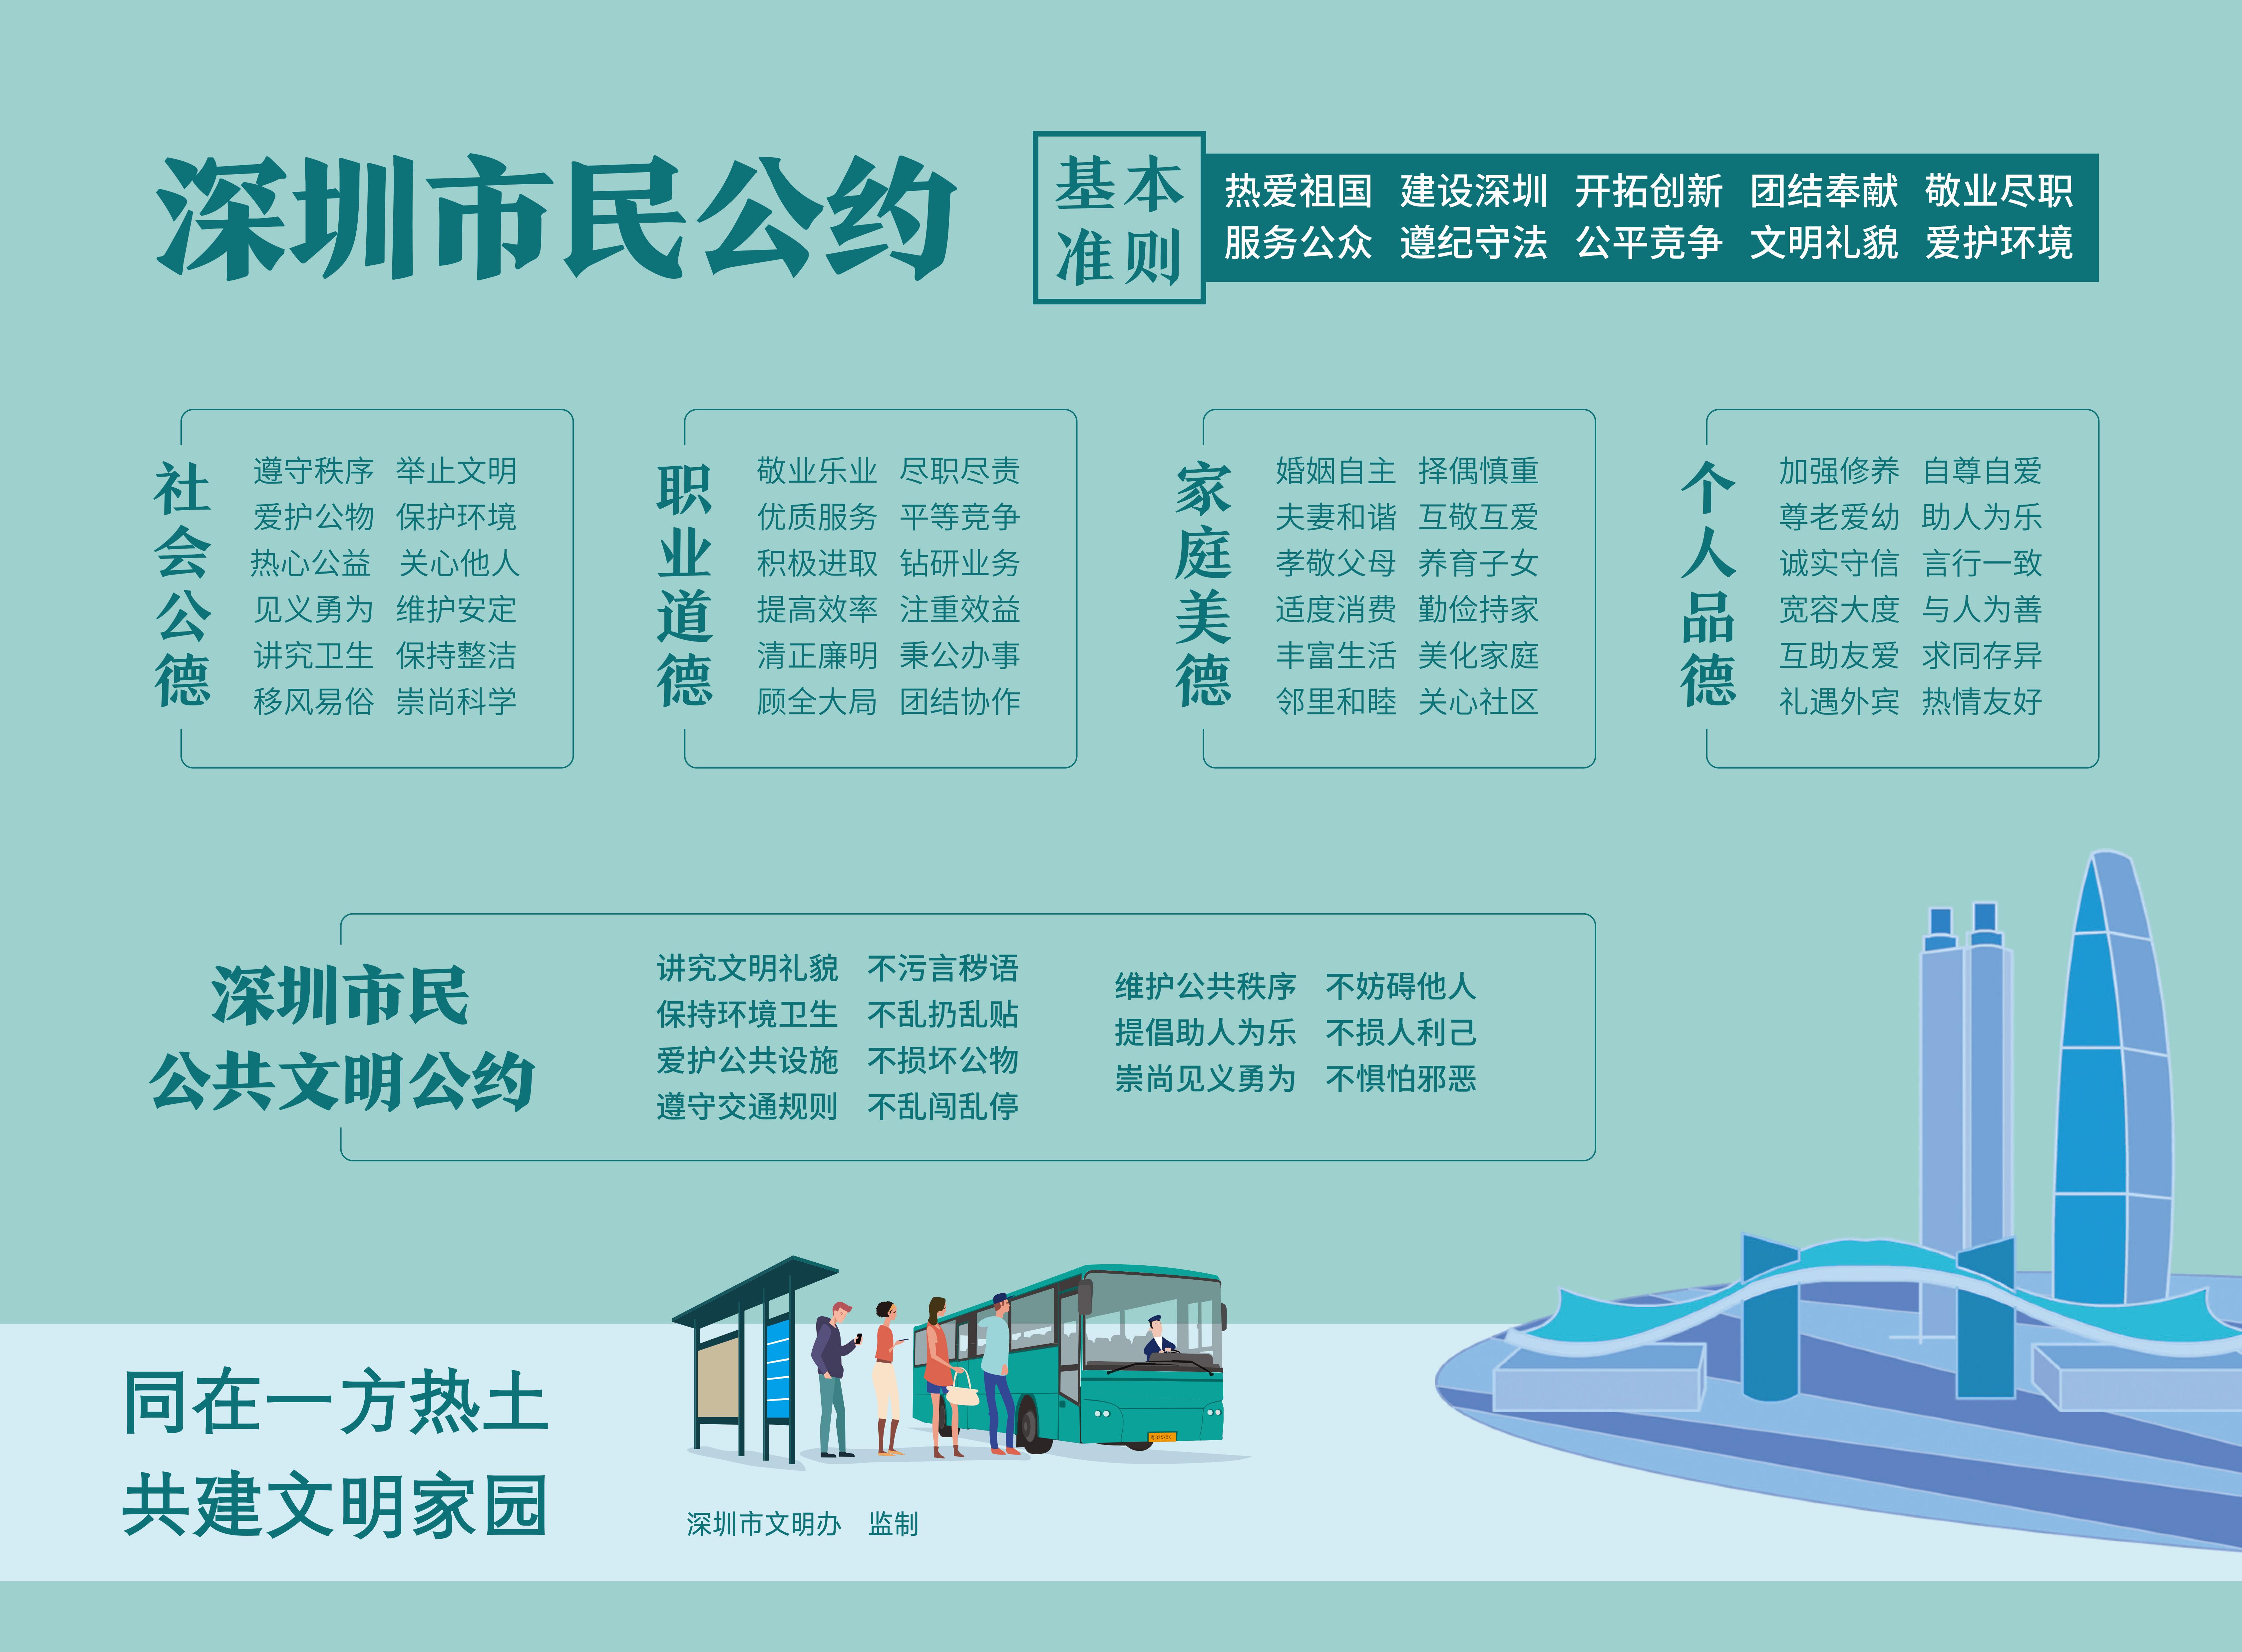 深圳市民公约